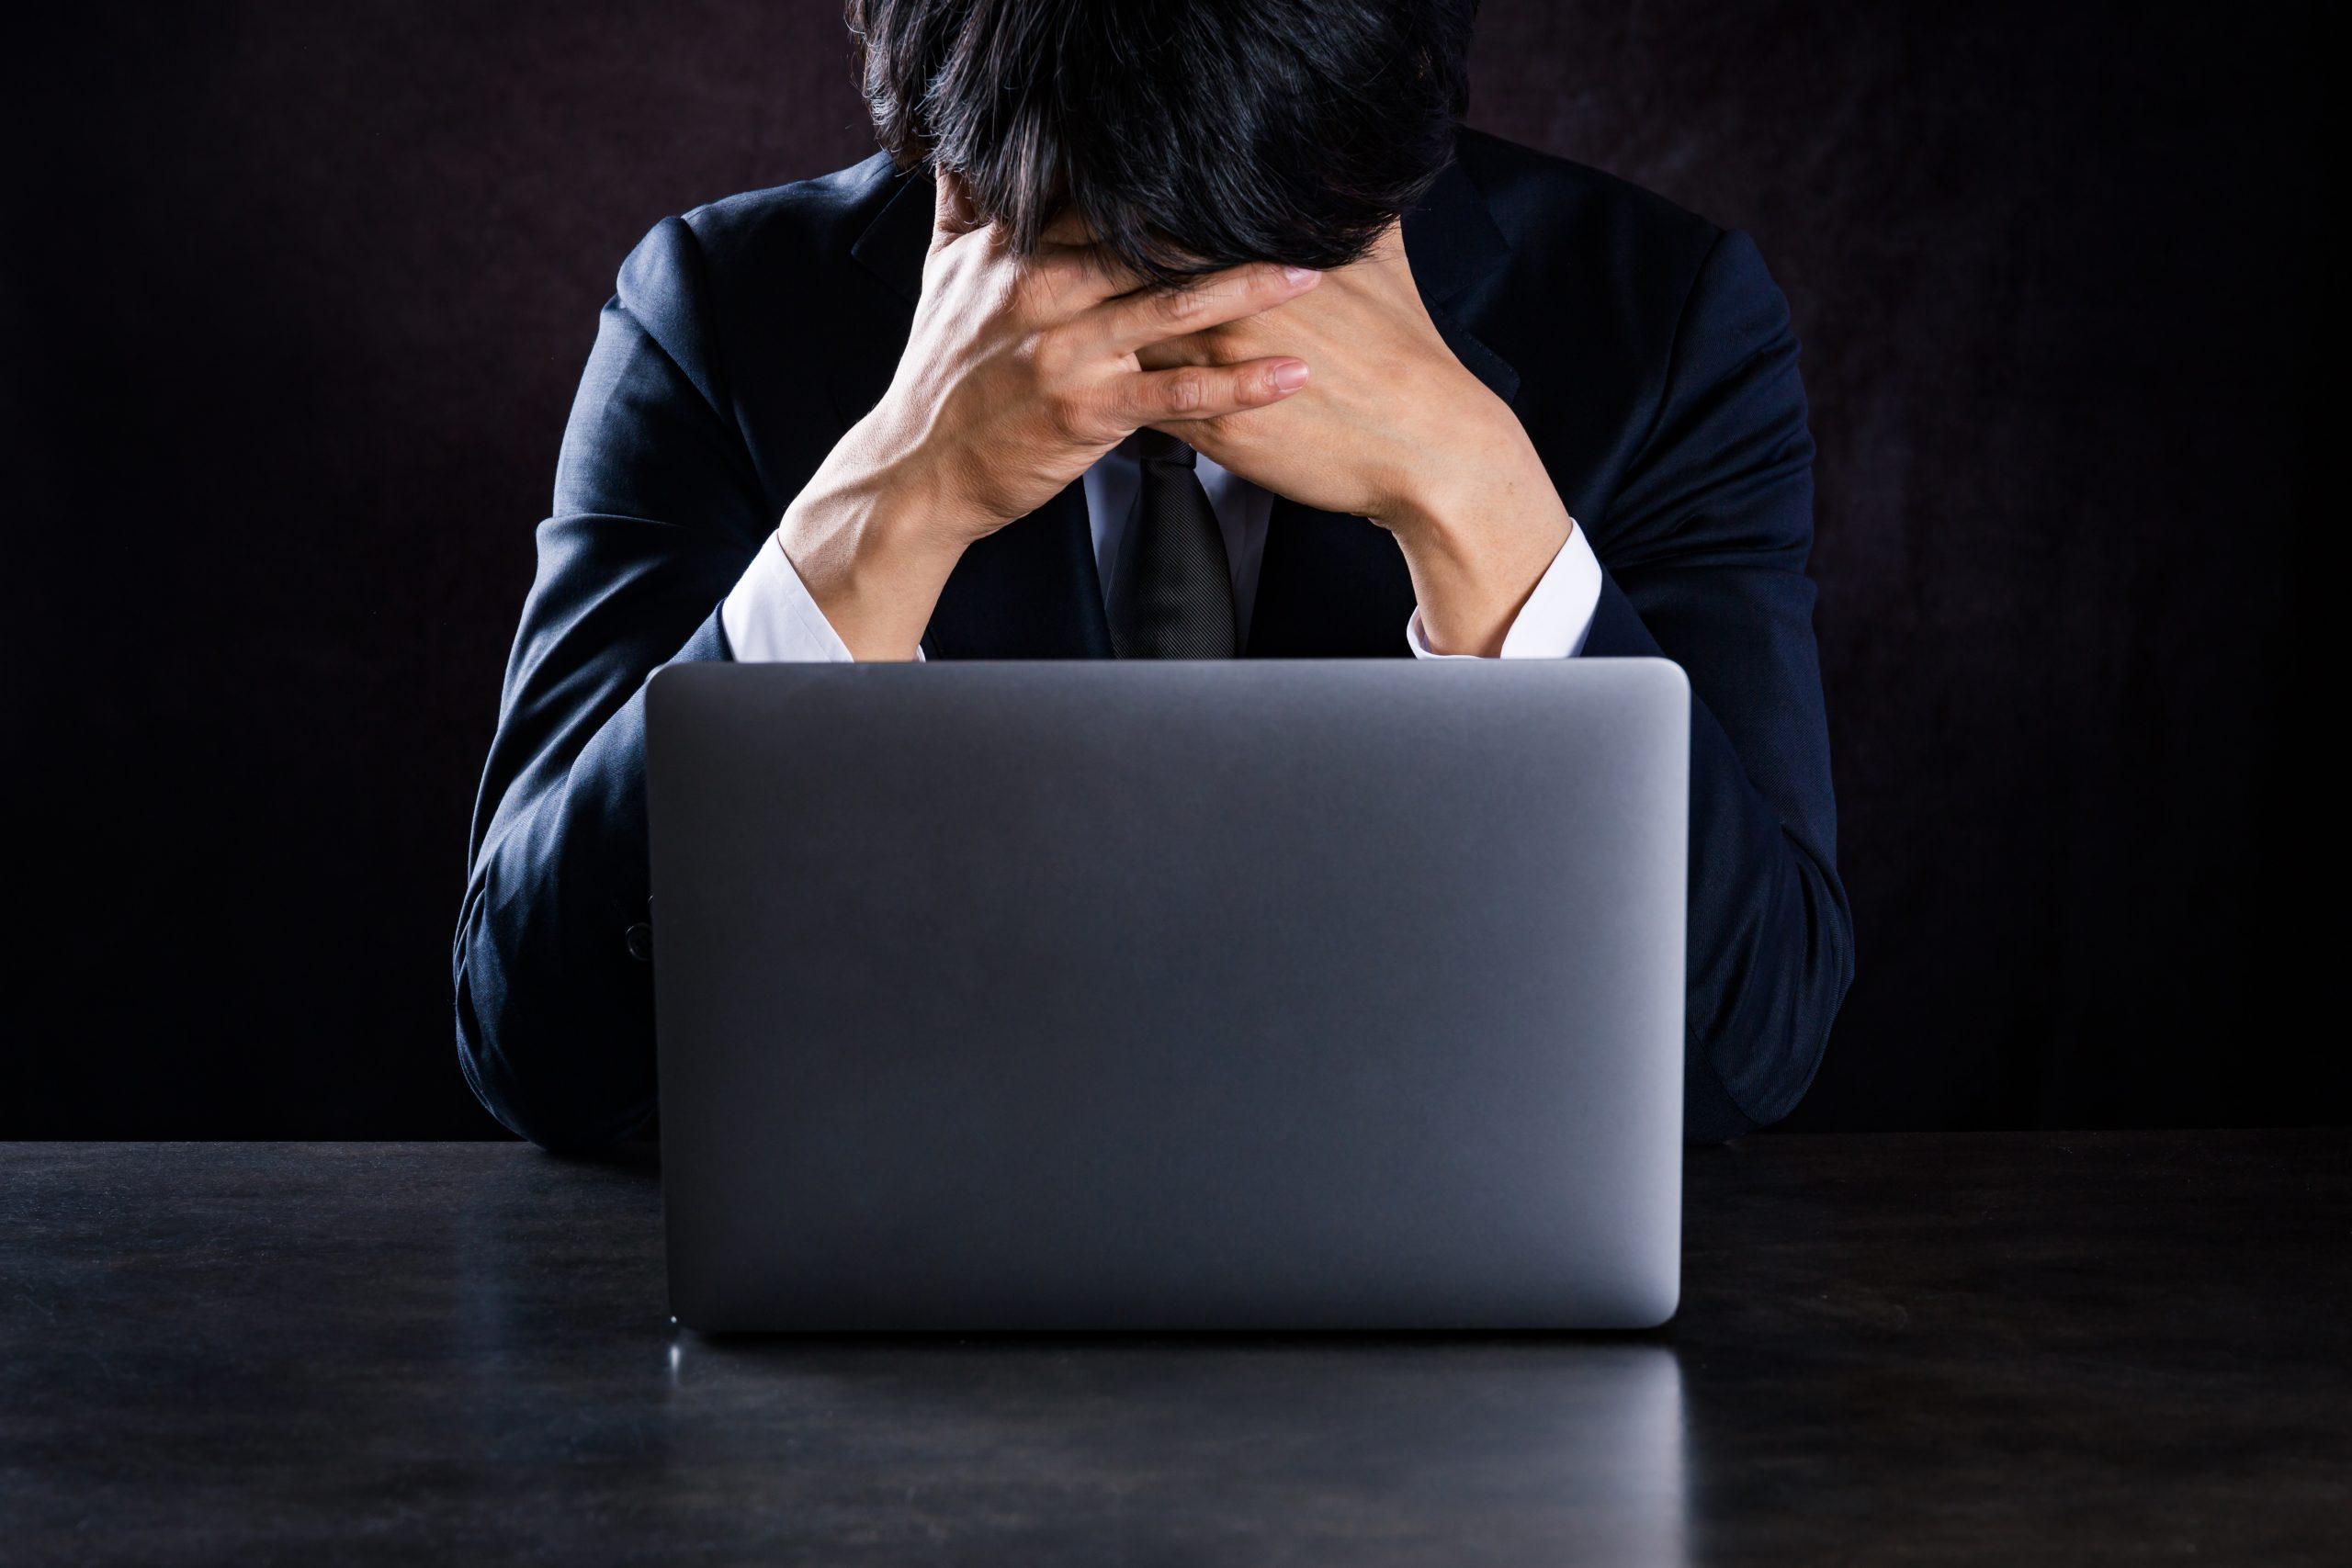 ノートパソコンの前で疲労した男性